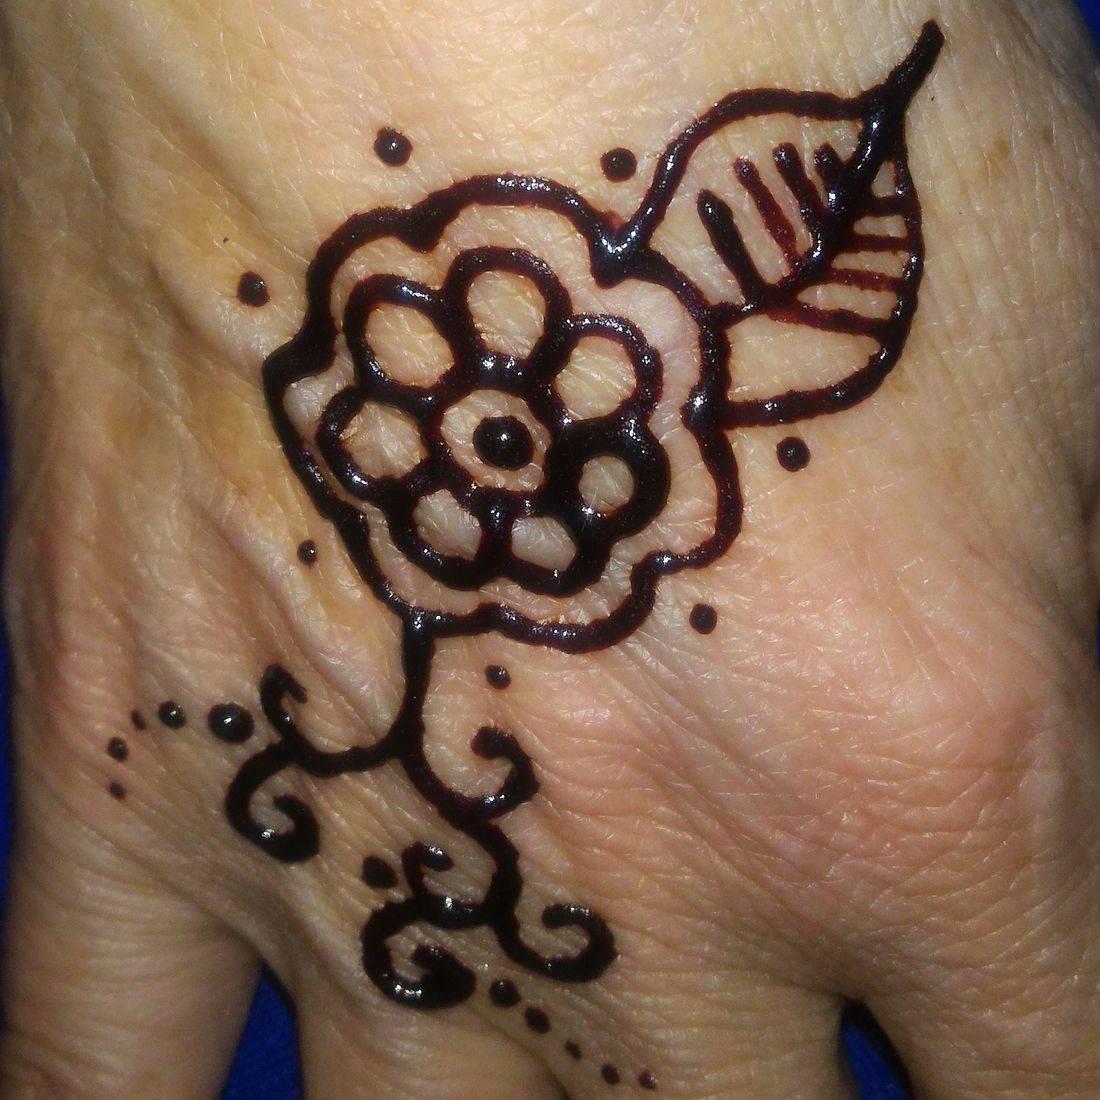 Basic Flower Henna with Leaf, Flower Henna, Henna Tattoo, Henna, Ja'Henna, Henna in Negril Jamaica